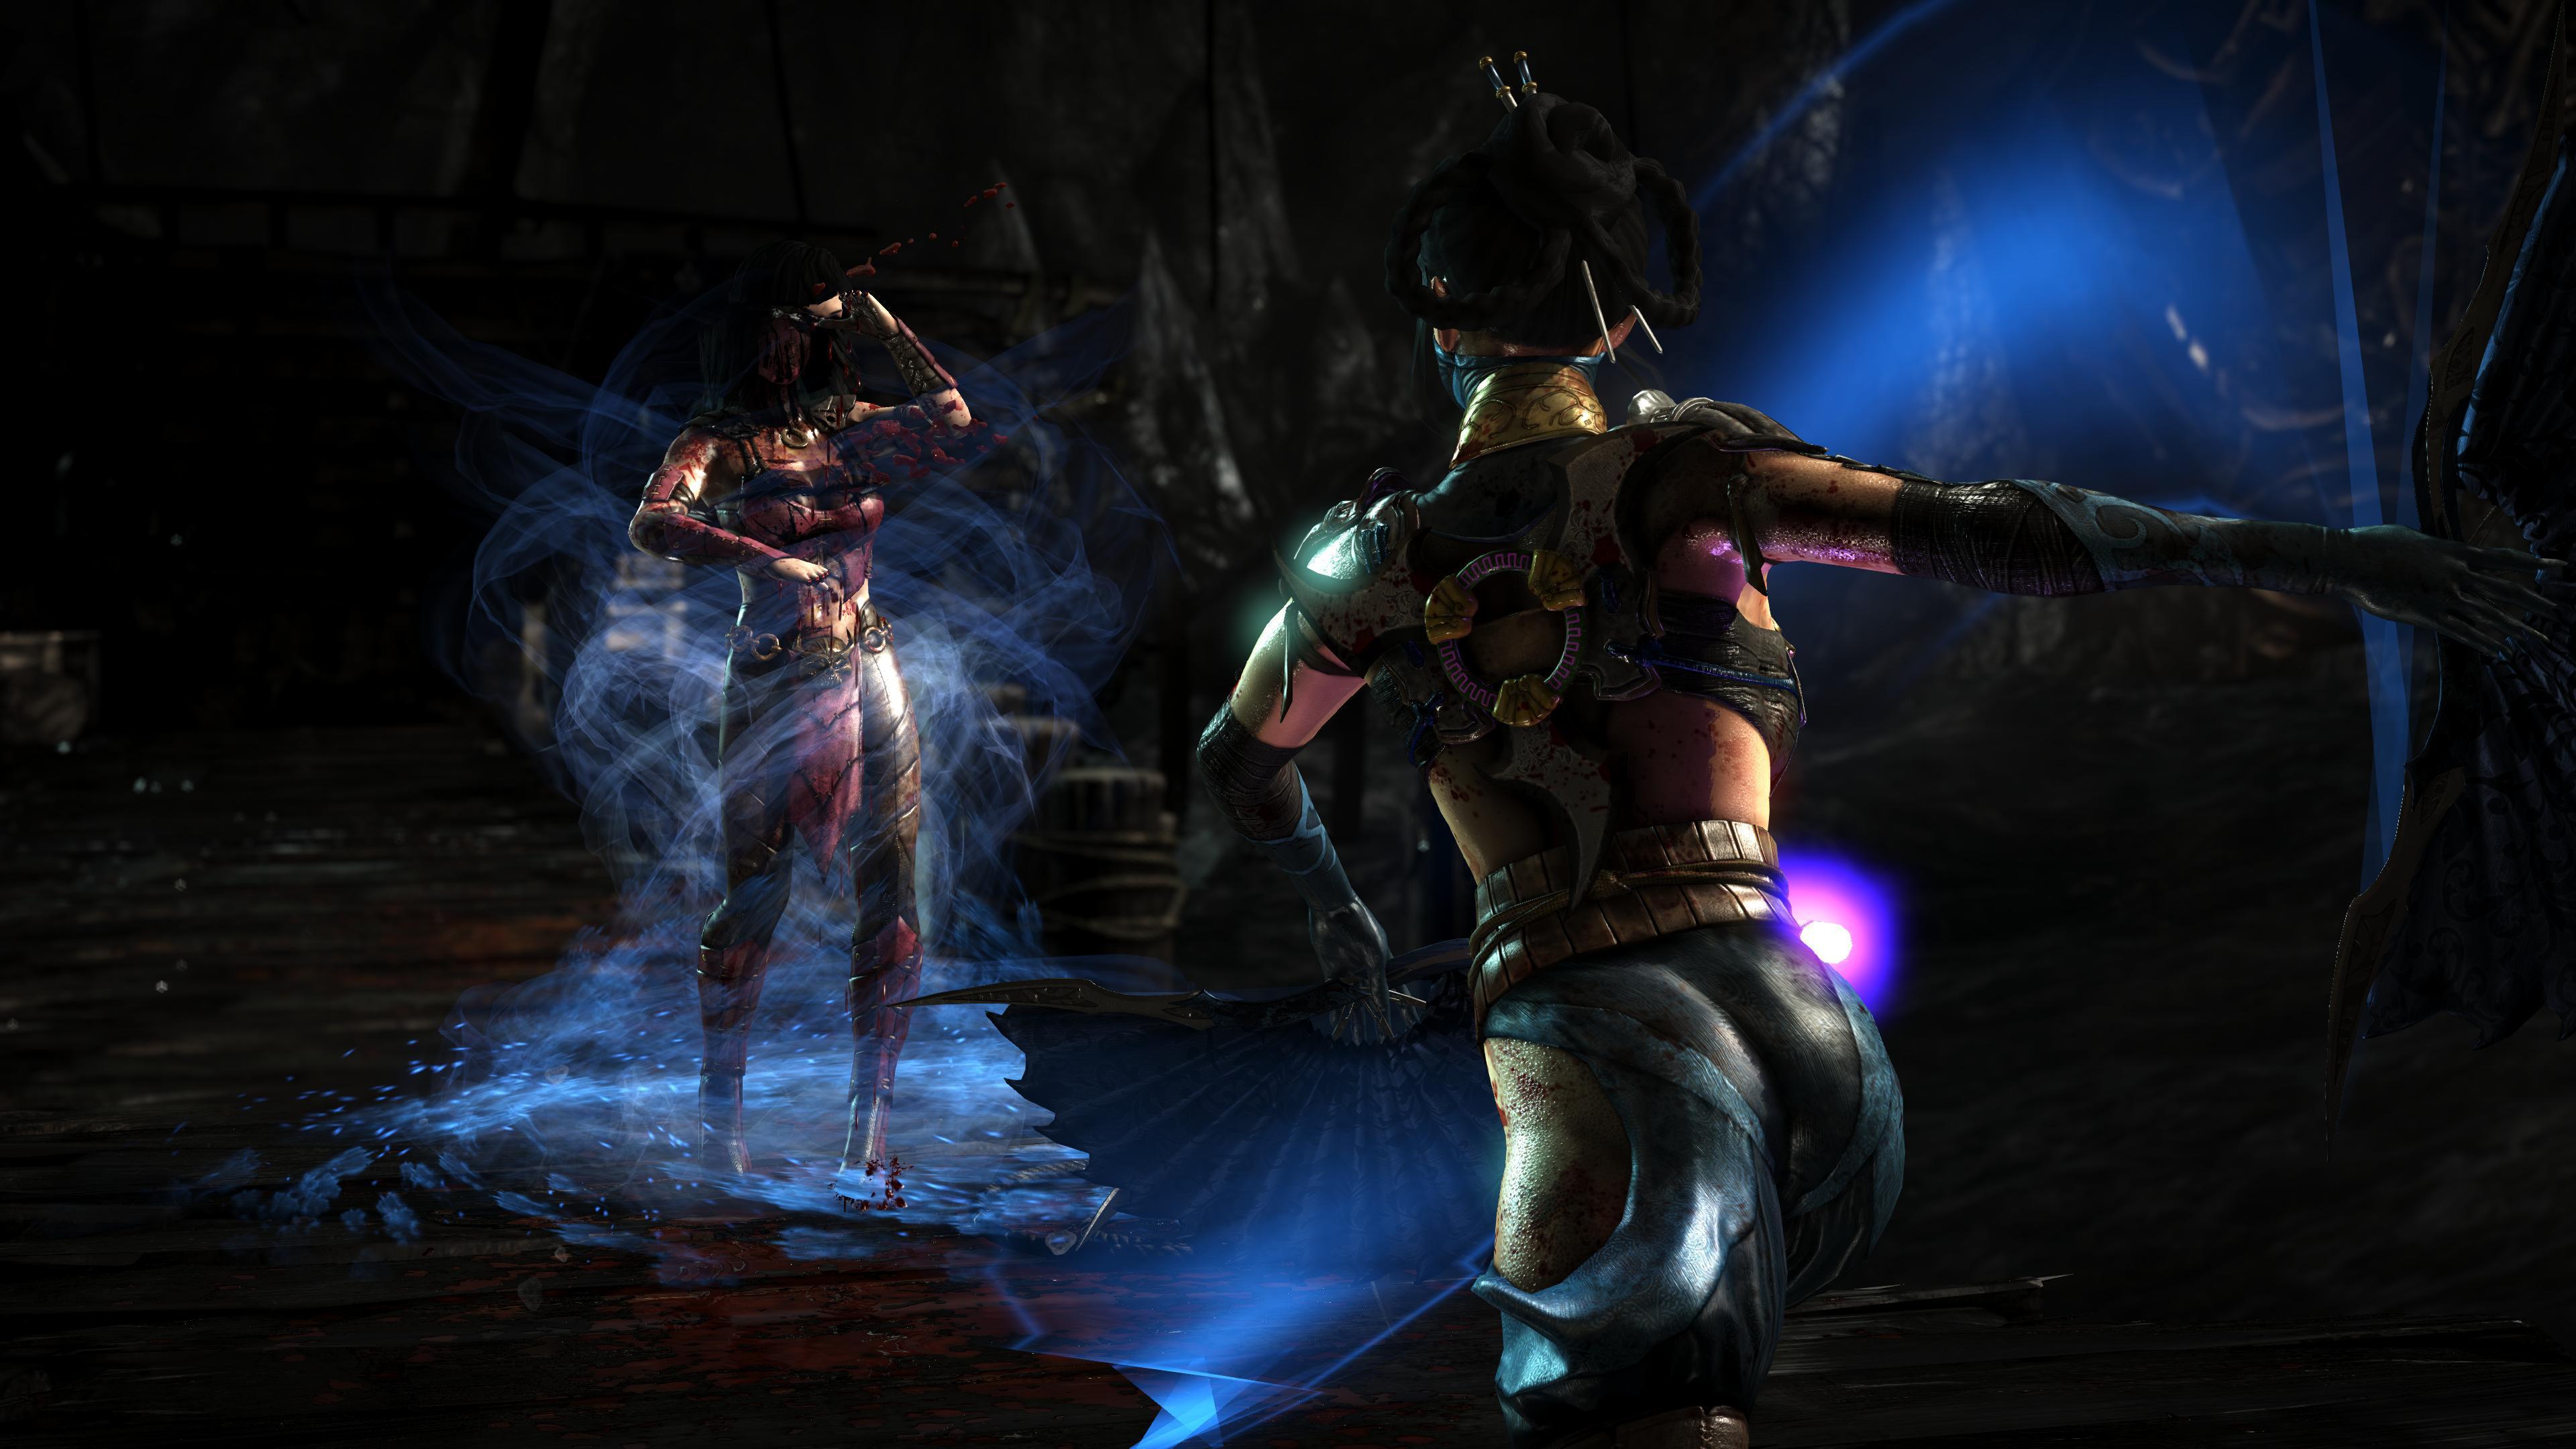 Максимальные настройки графики - Mortal Kombat X 4K